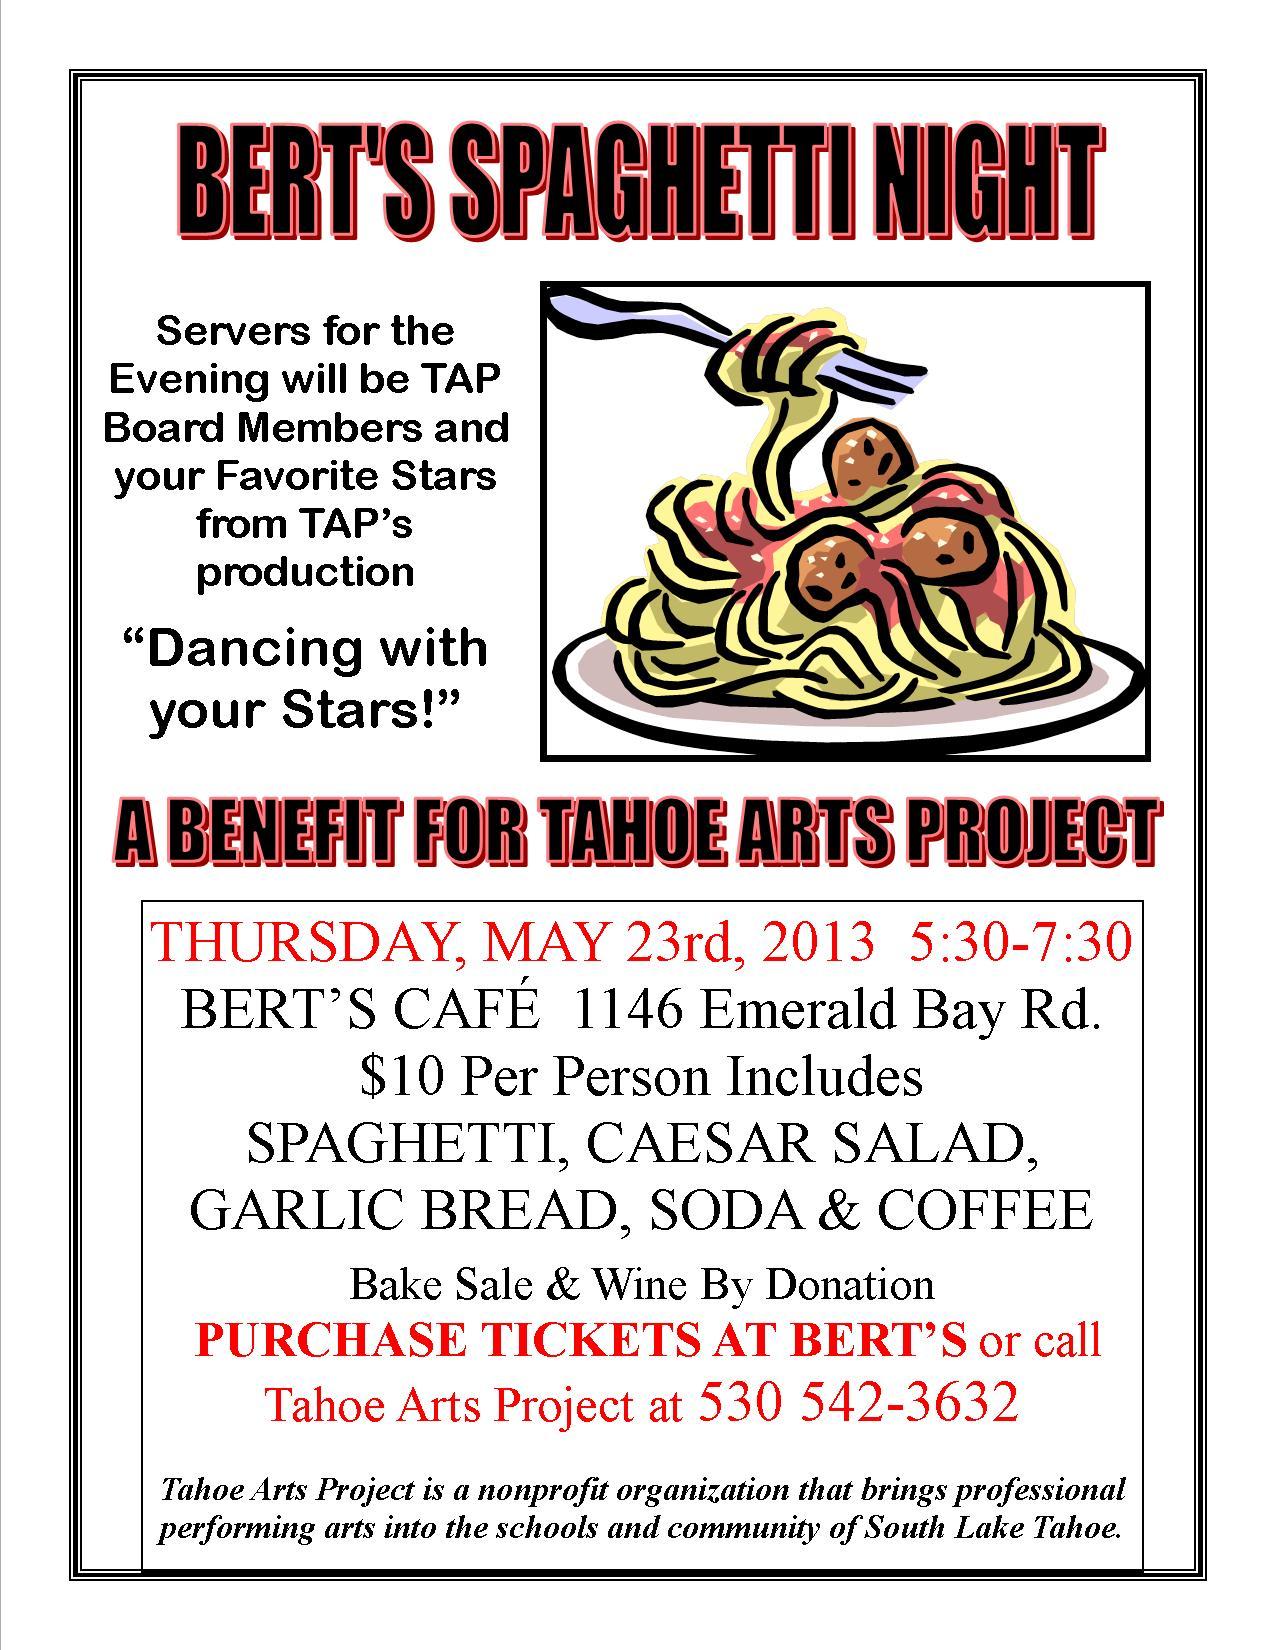 Spaghetti dinner fundraiser clipart for facebook banner Spaghetti Dinner Fundraiser Berts Spaghetti Fundraiser #cG3Qcc ... banner